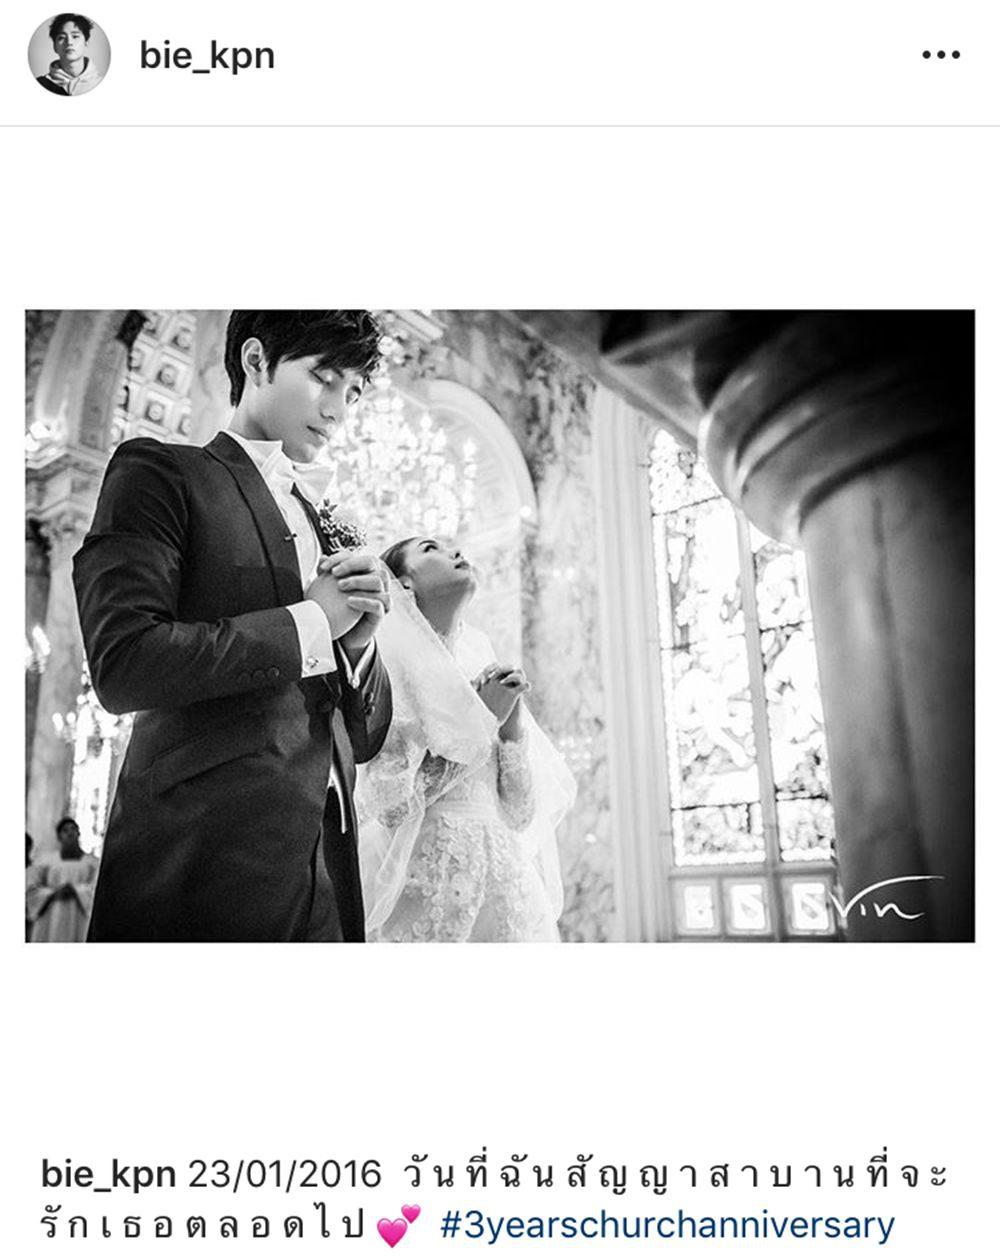 บี้ โพสต์ซึ้งวันครบรอบแต่งงานในโบสถ์กับ กุ๊บกิ๊บ